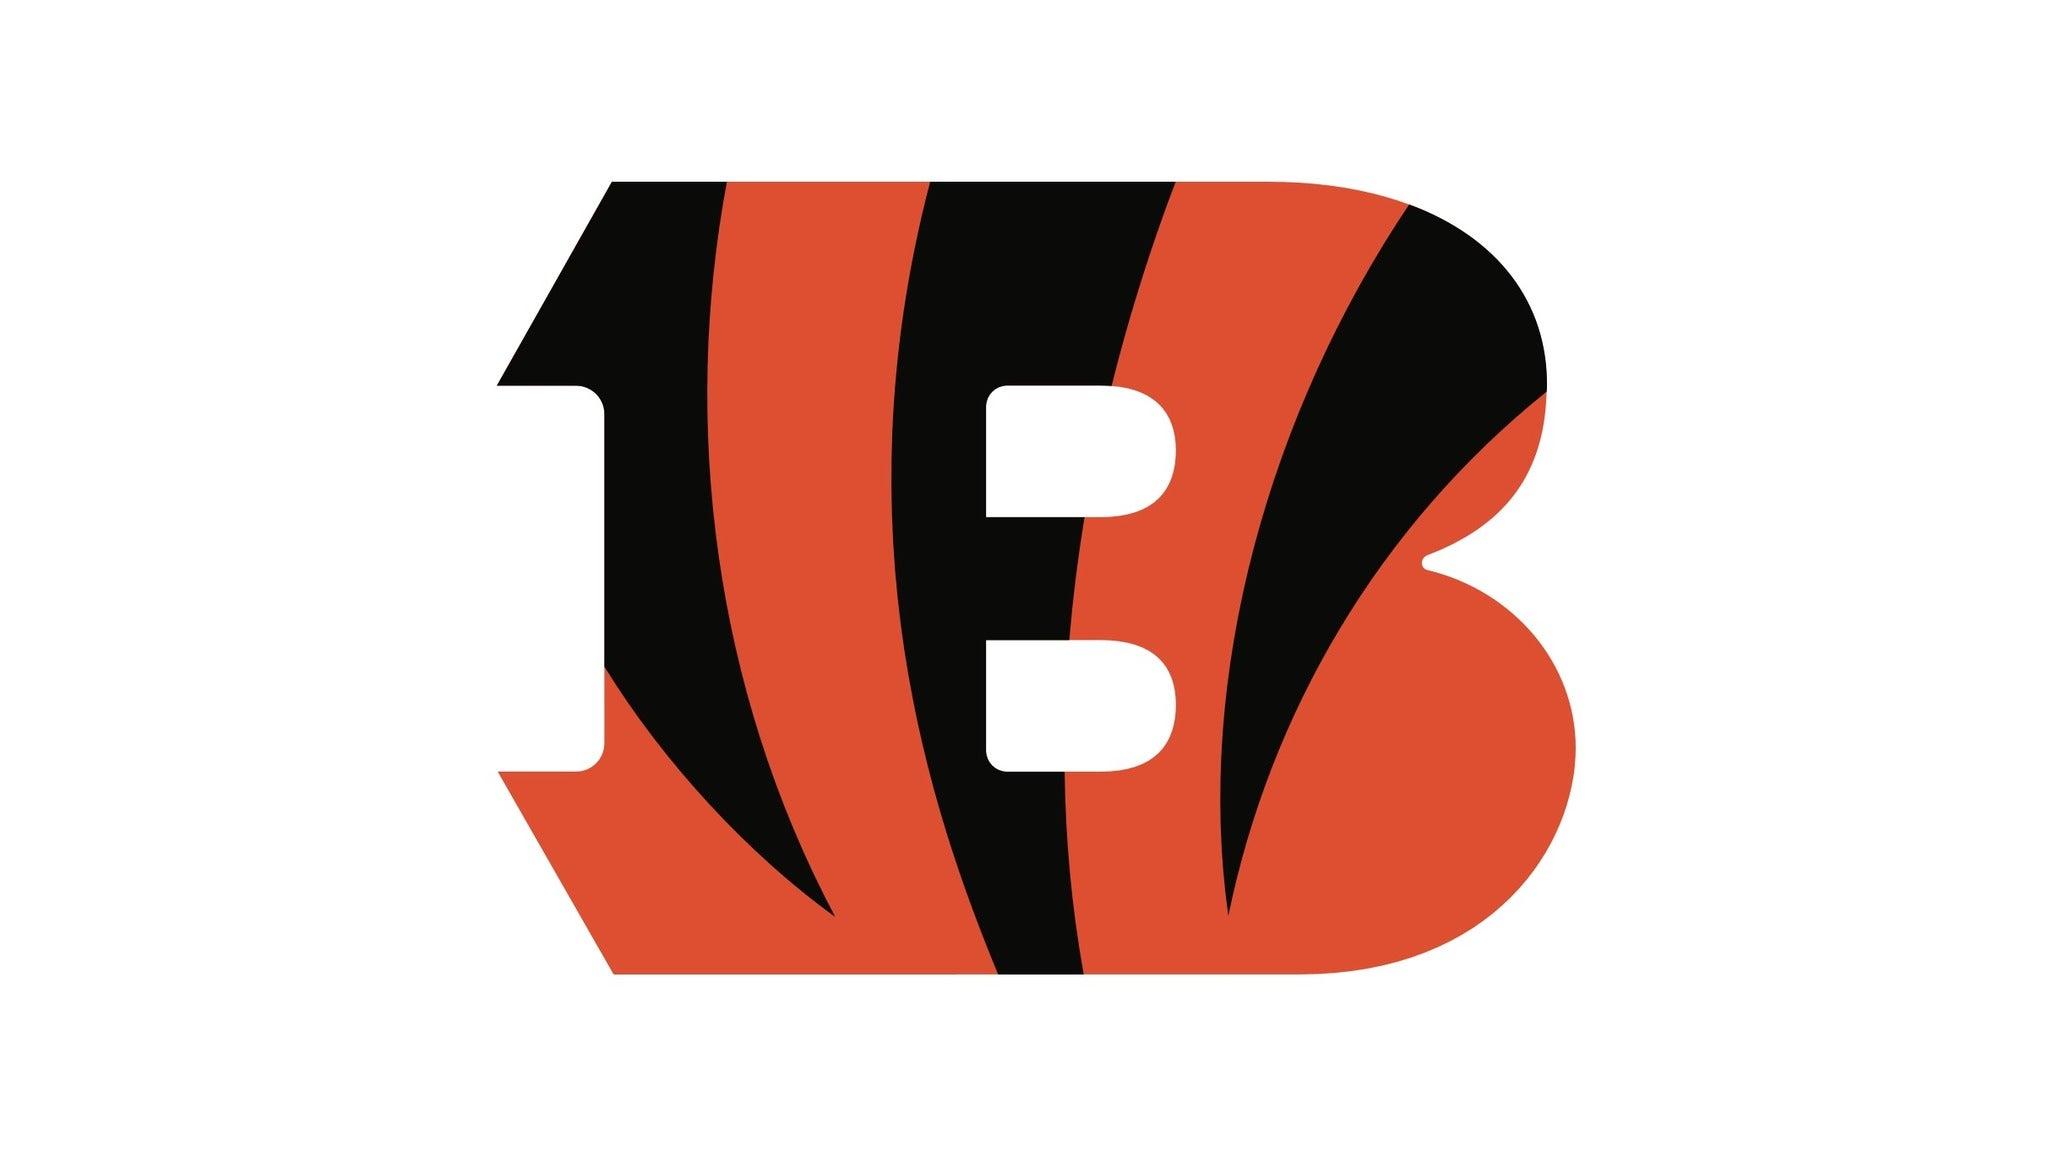 Cincinnati Bengals vs. Oakland Raiders at Paul Brown Stadium